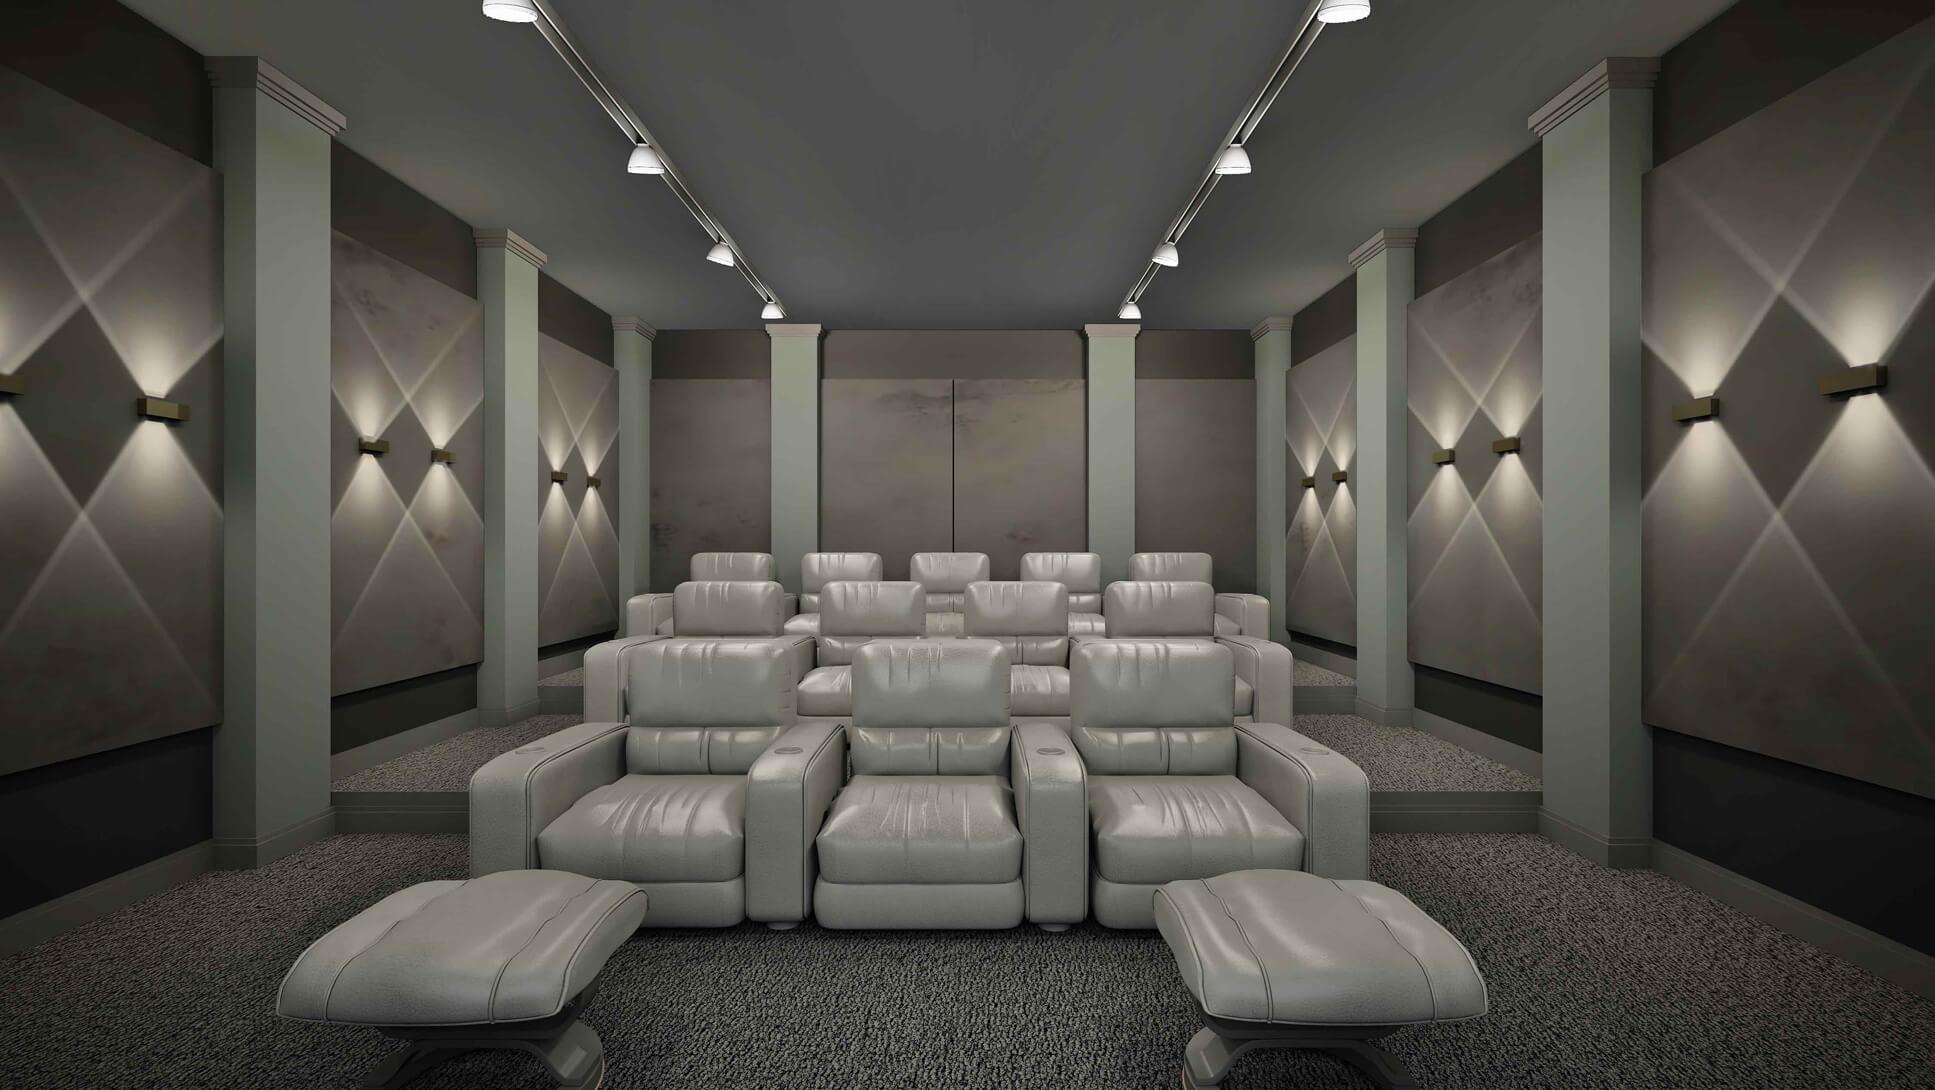 اجرای طرح اتاق سینما خانگی